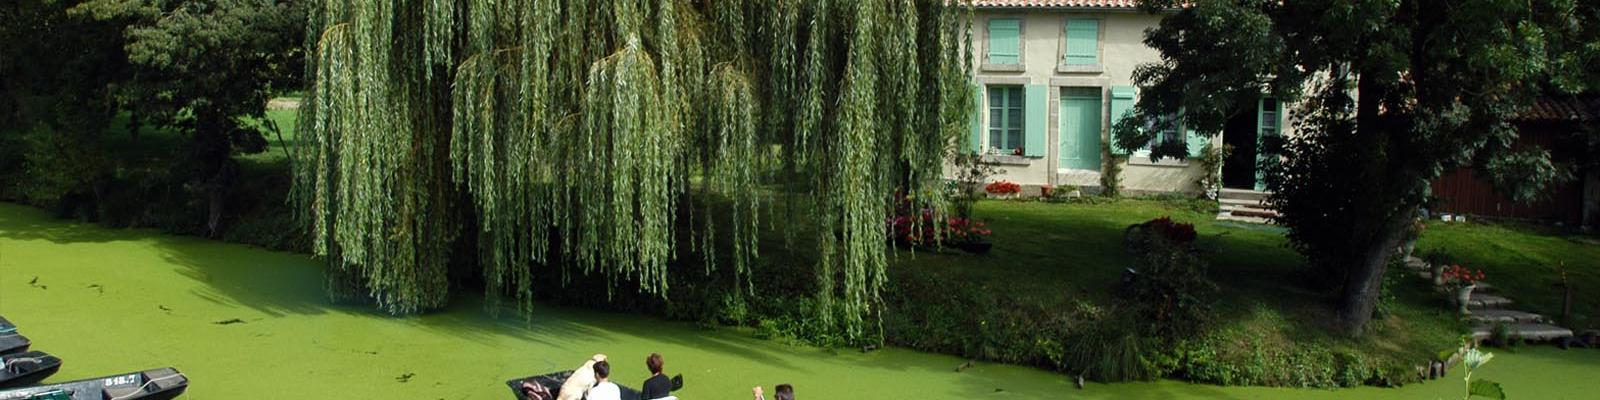 Arçais dans le Marais poitevin